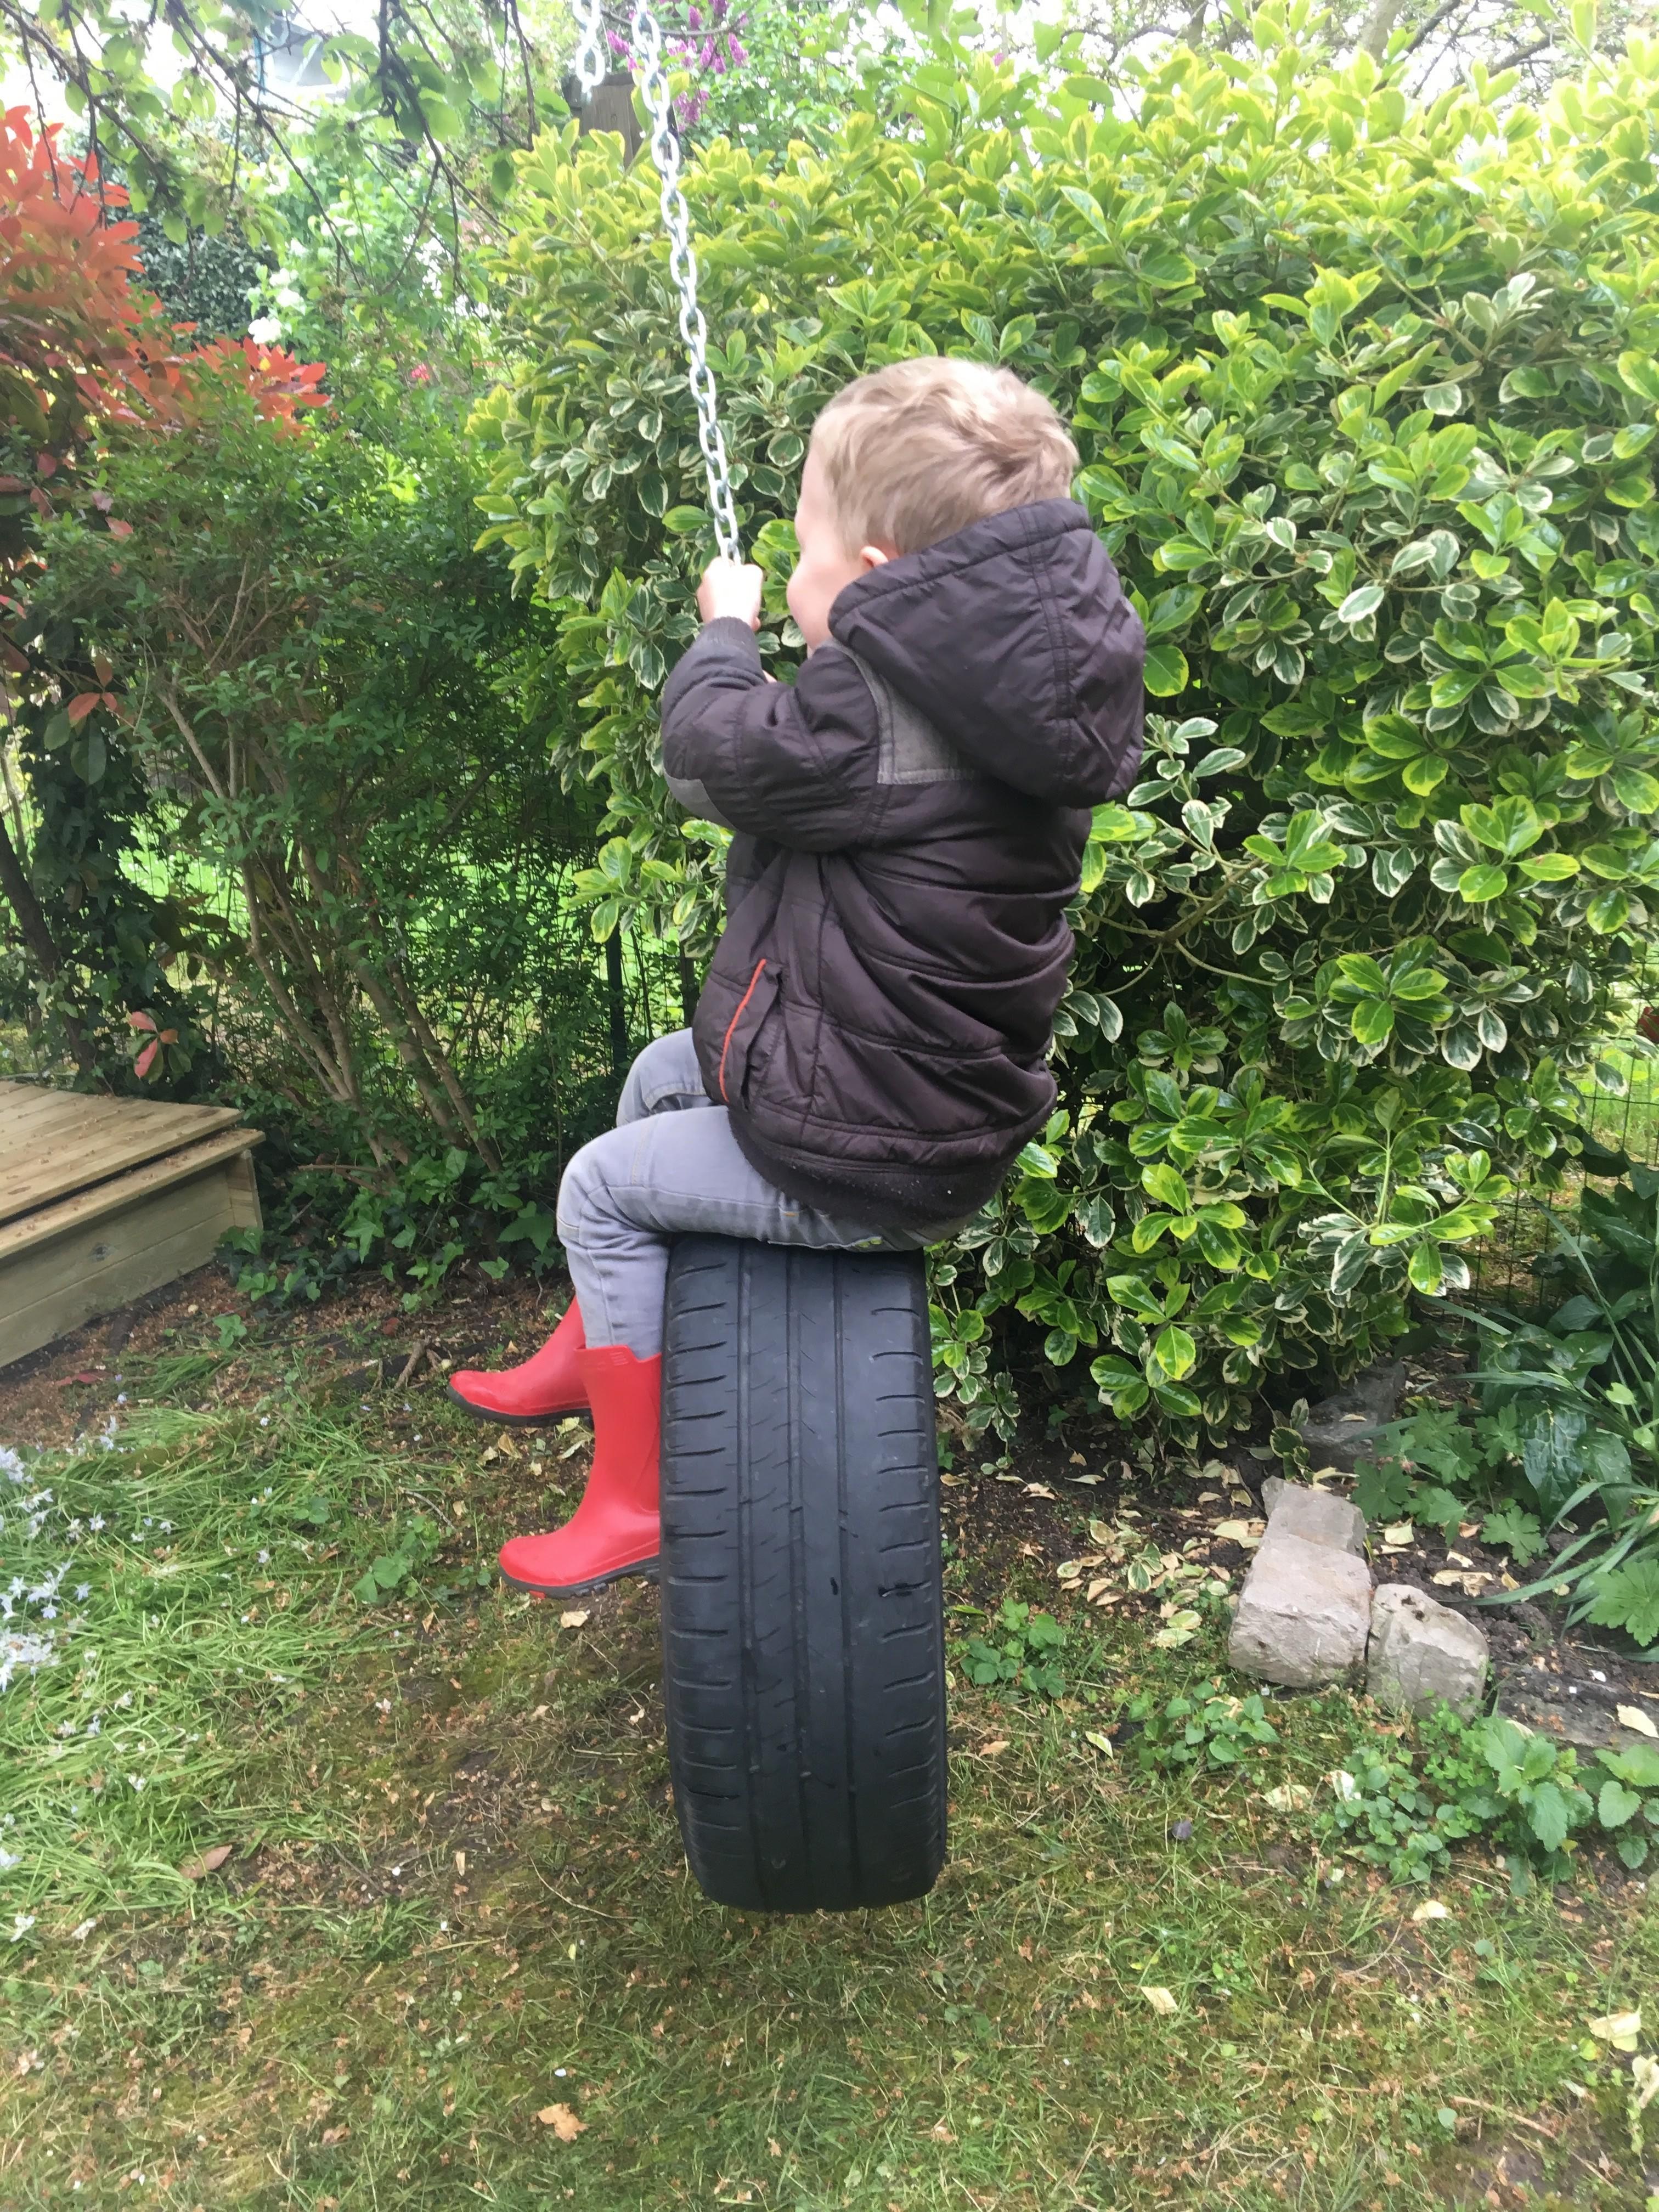 Comment Fixer Une Balançoire À Une Branche D Arbre diy - fabriquer une balançoire avec un pneu - une araignée